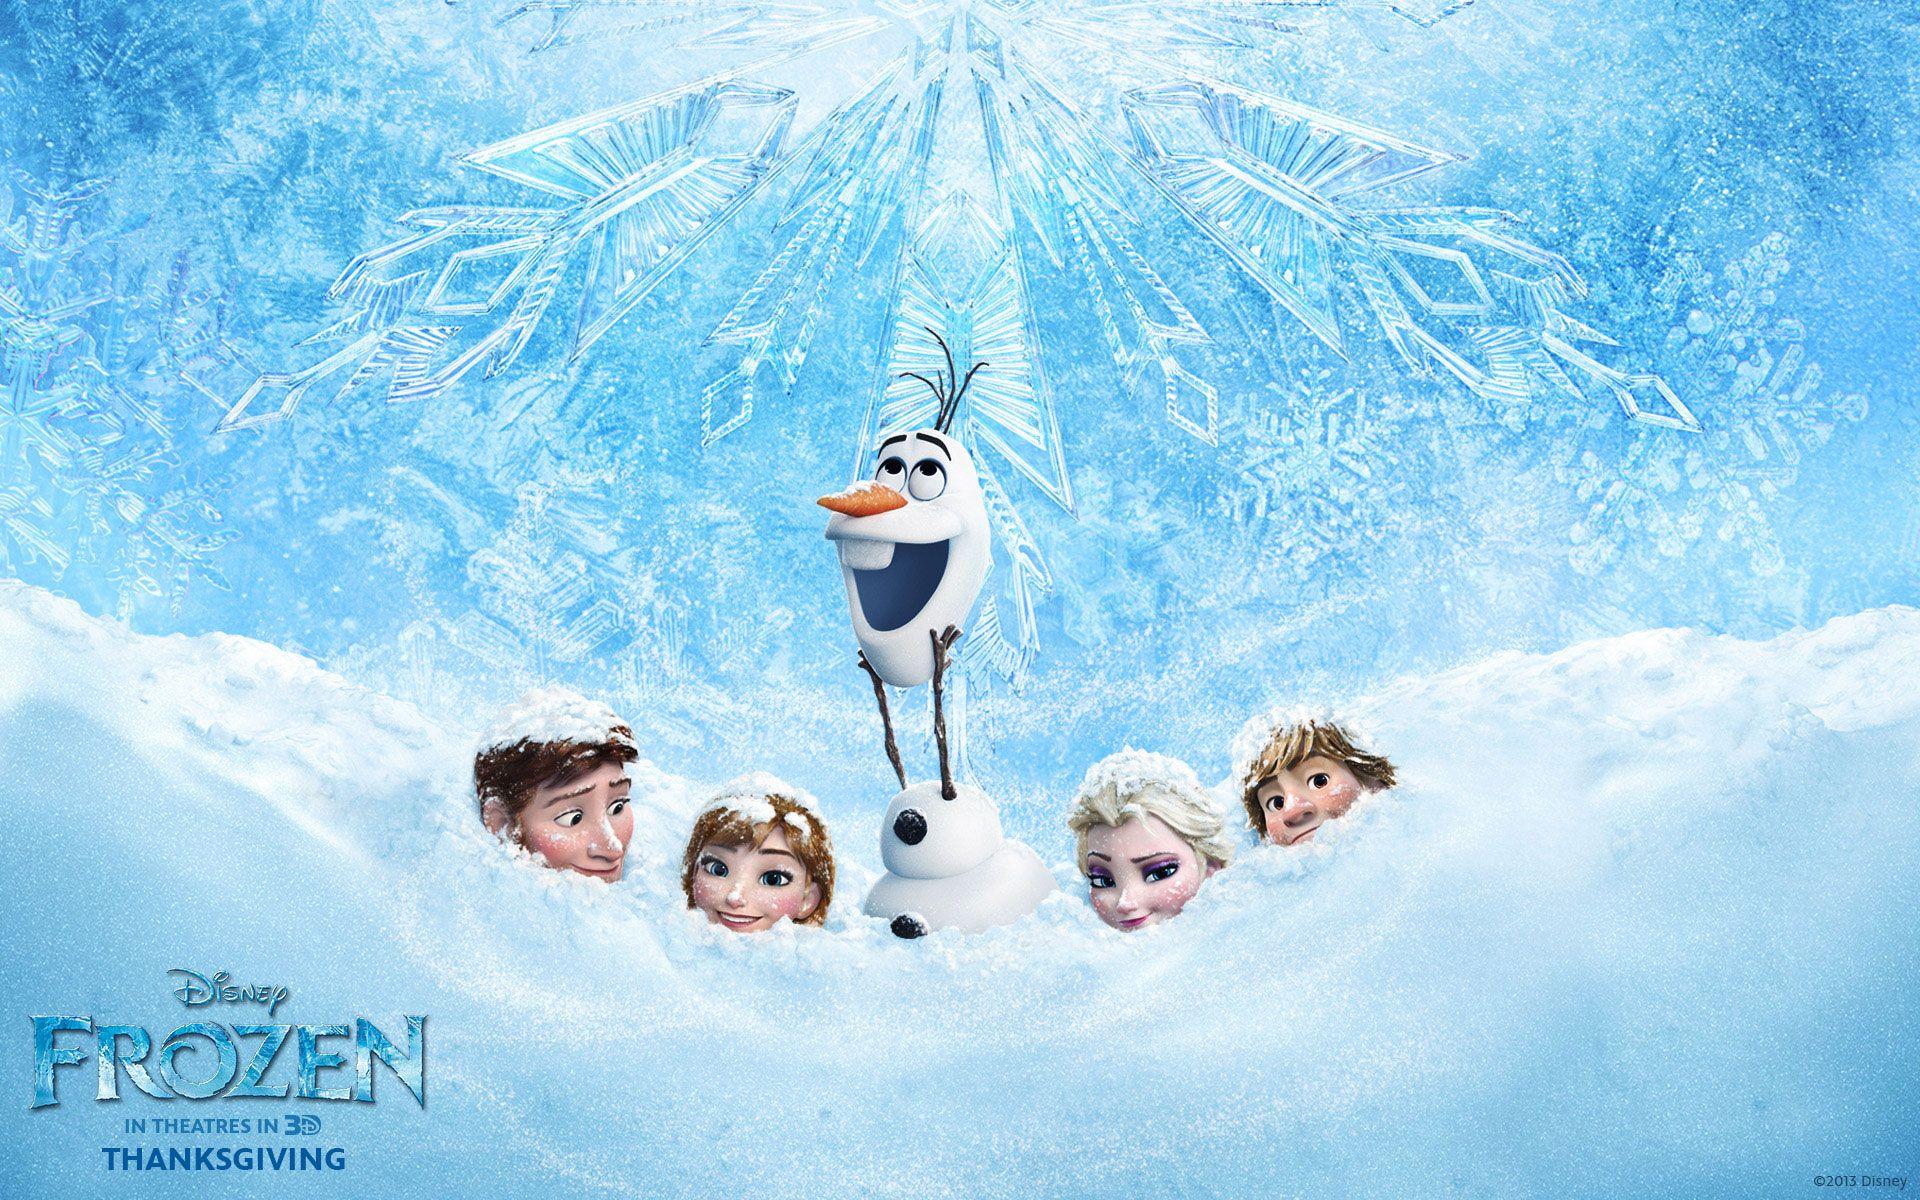 Frozen HD desktop wallpaper Widescreen High Definition